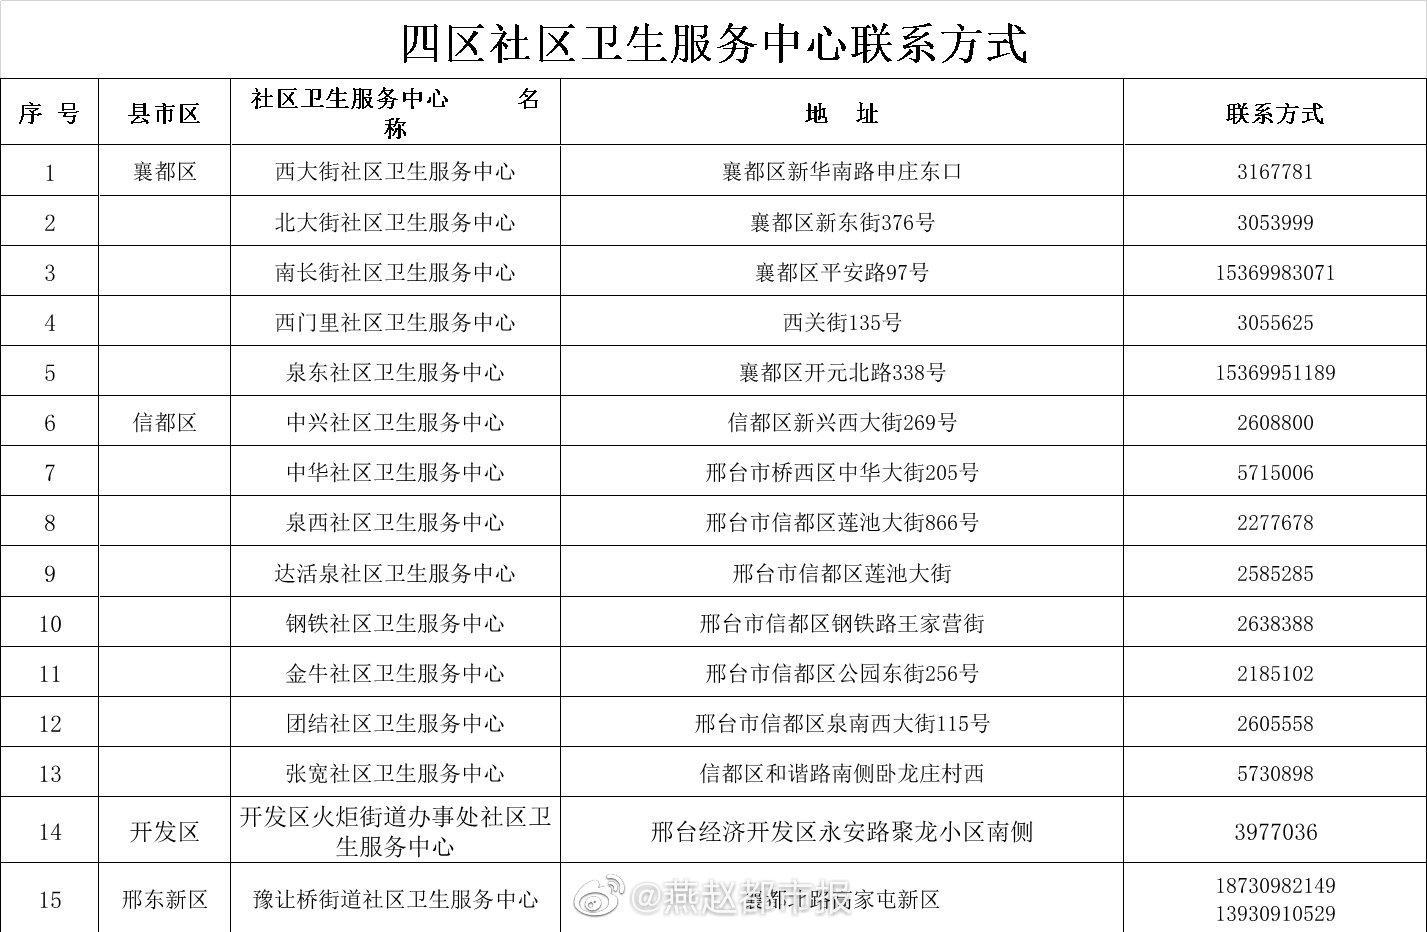 河北邢台社区卫生服务中心联系方式发布图片